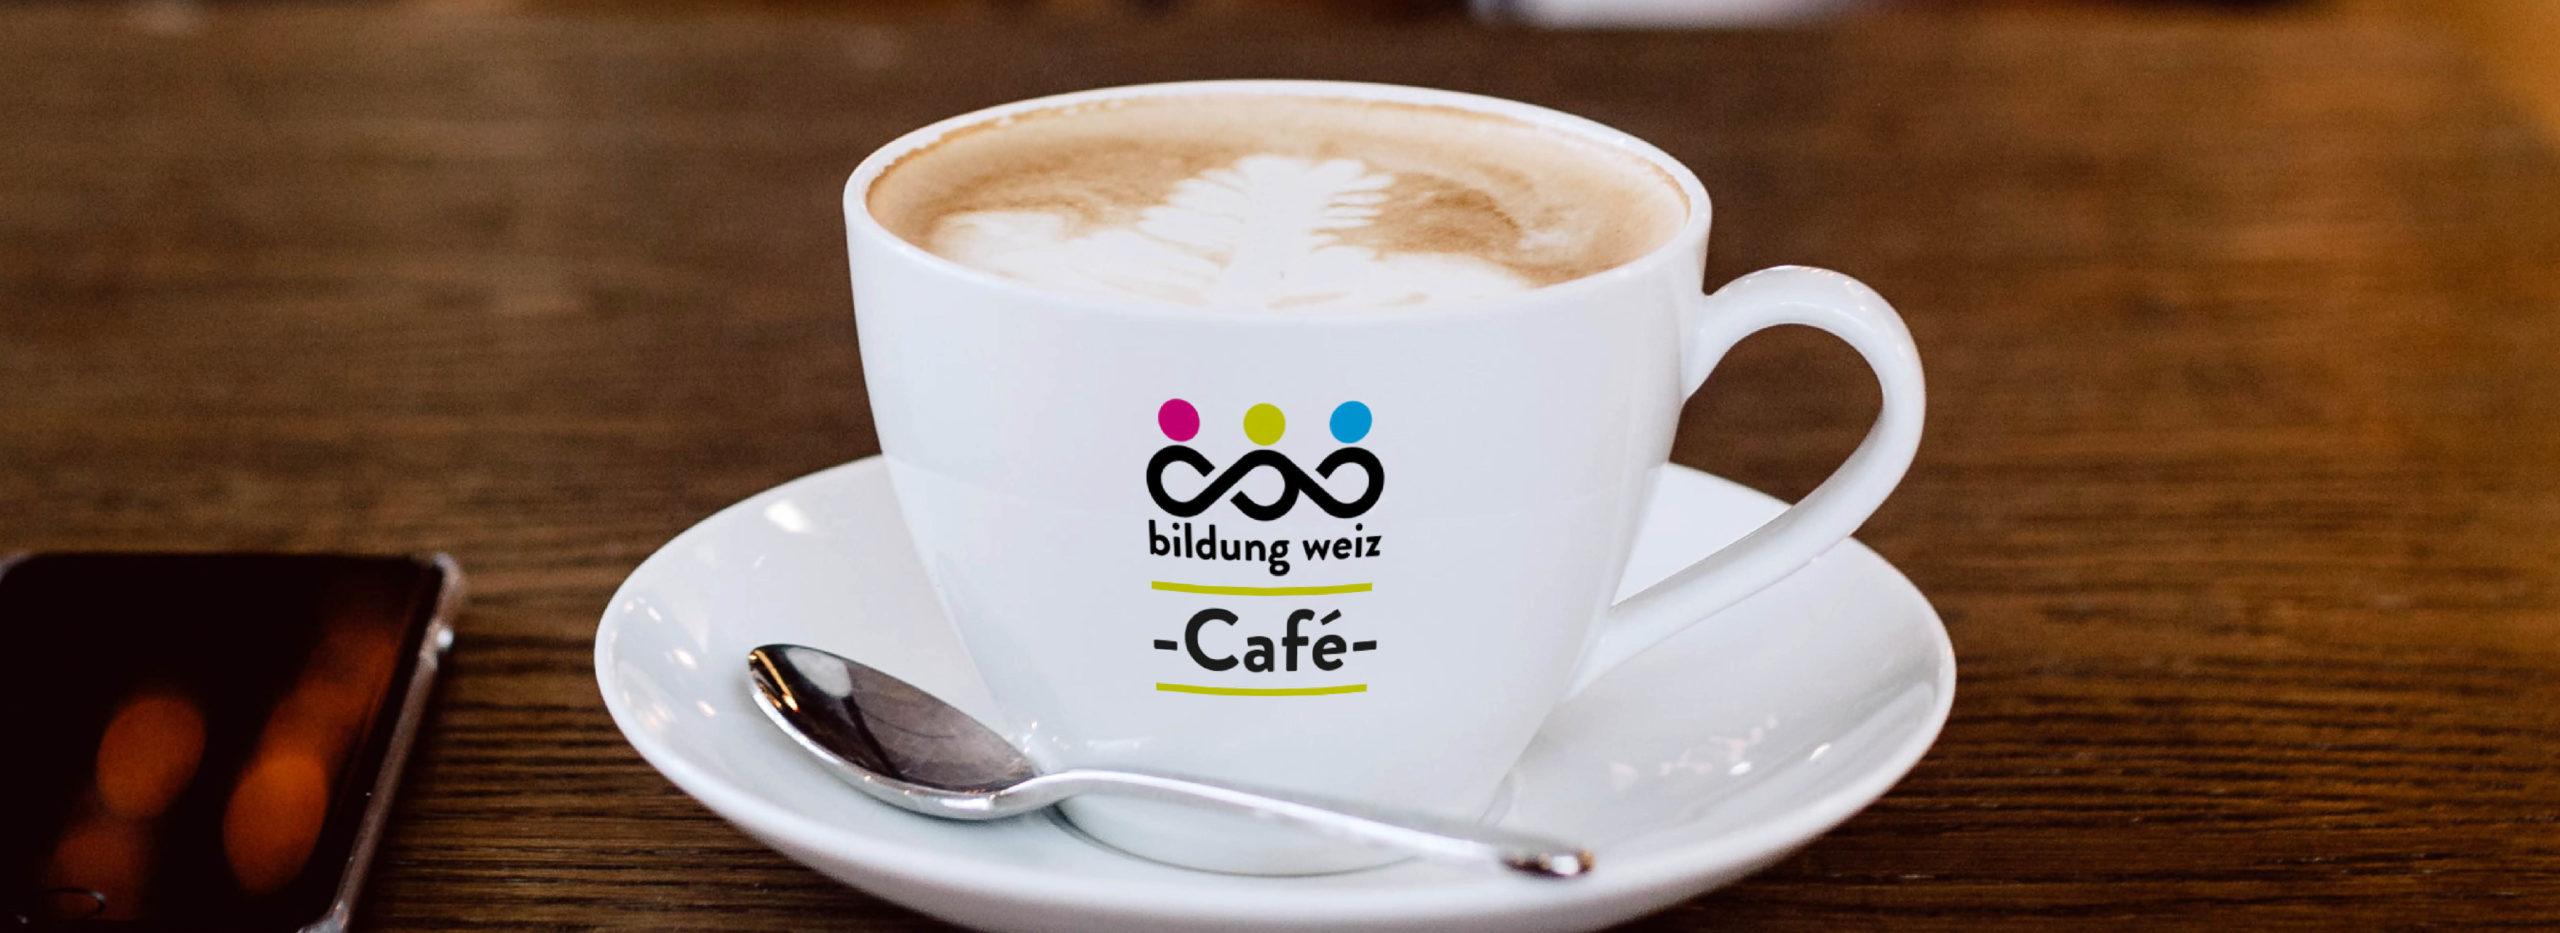 bildungweiz-Cafe